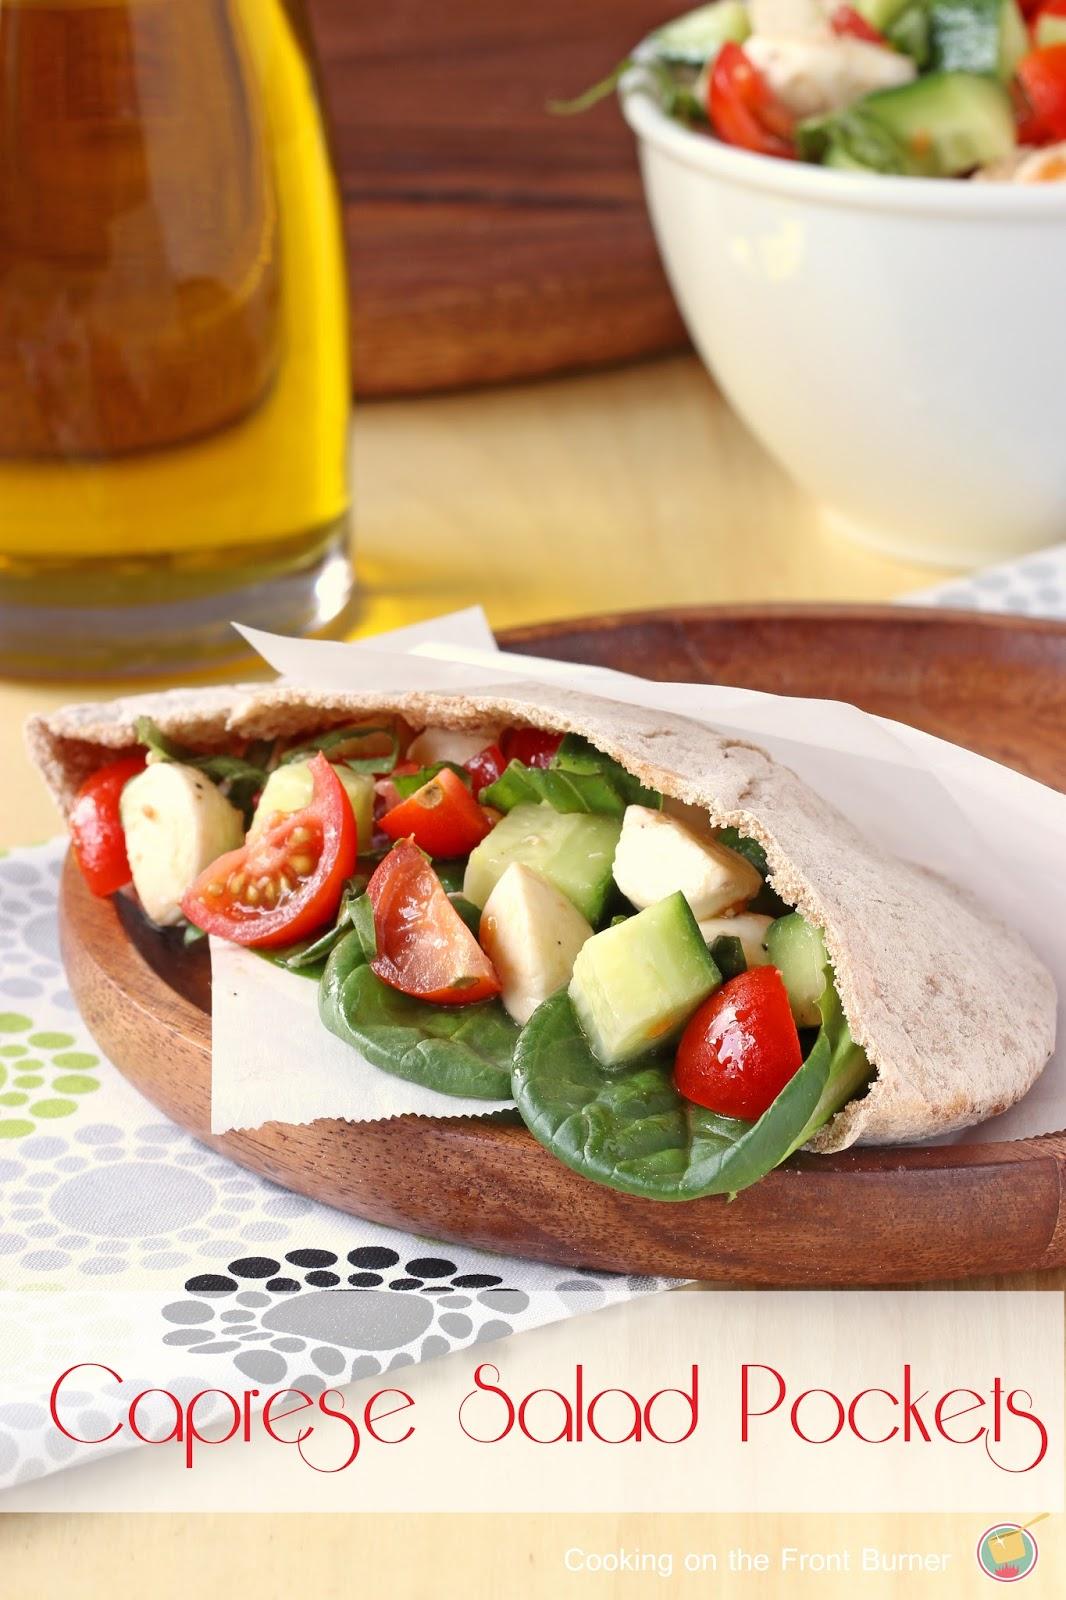 Caprese Salad Pockets   Cooking on the Front Burner